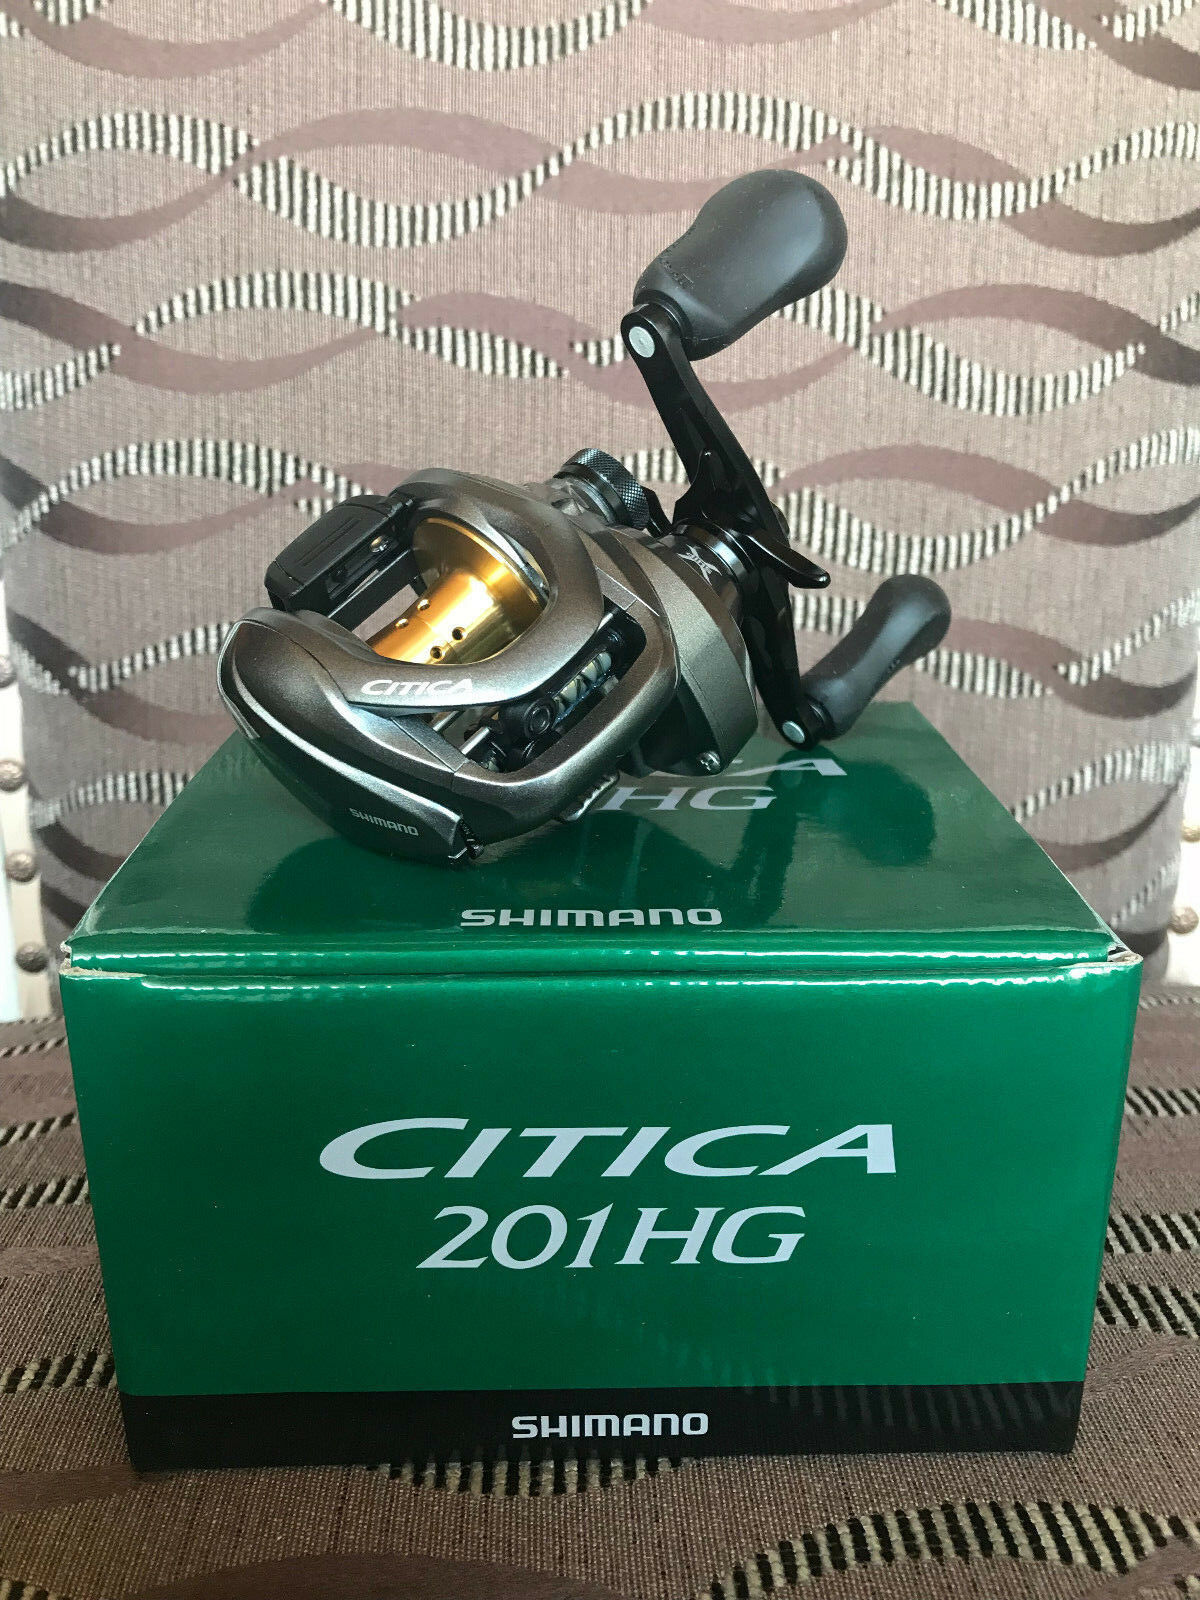 Shimano Citica I 201 HG Linkshand Baitcastrolle